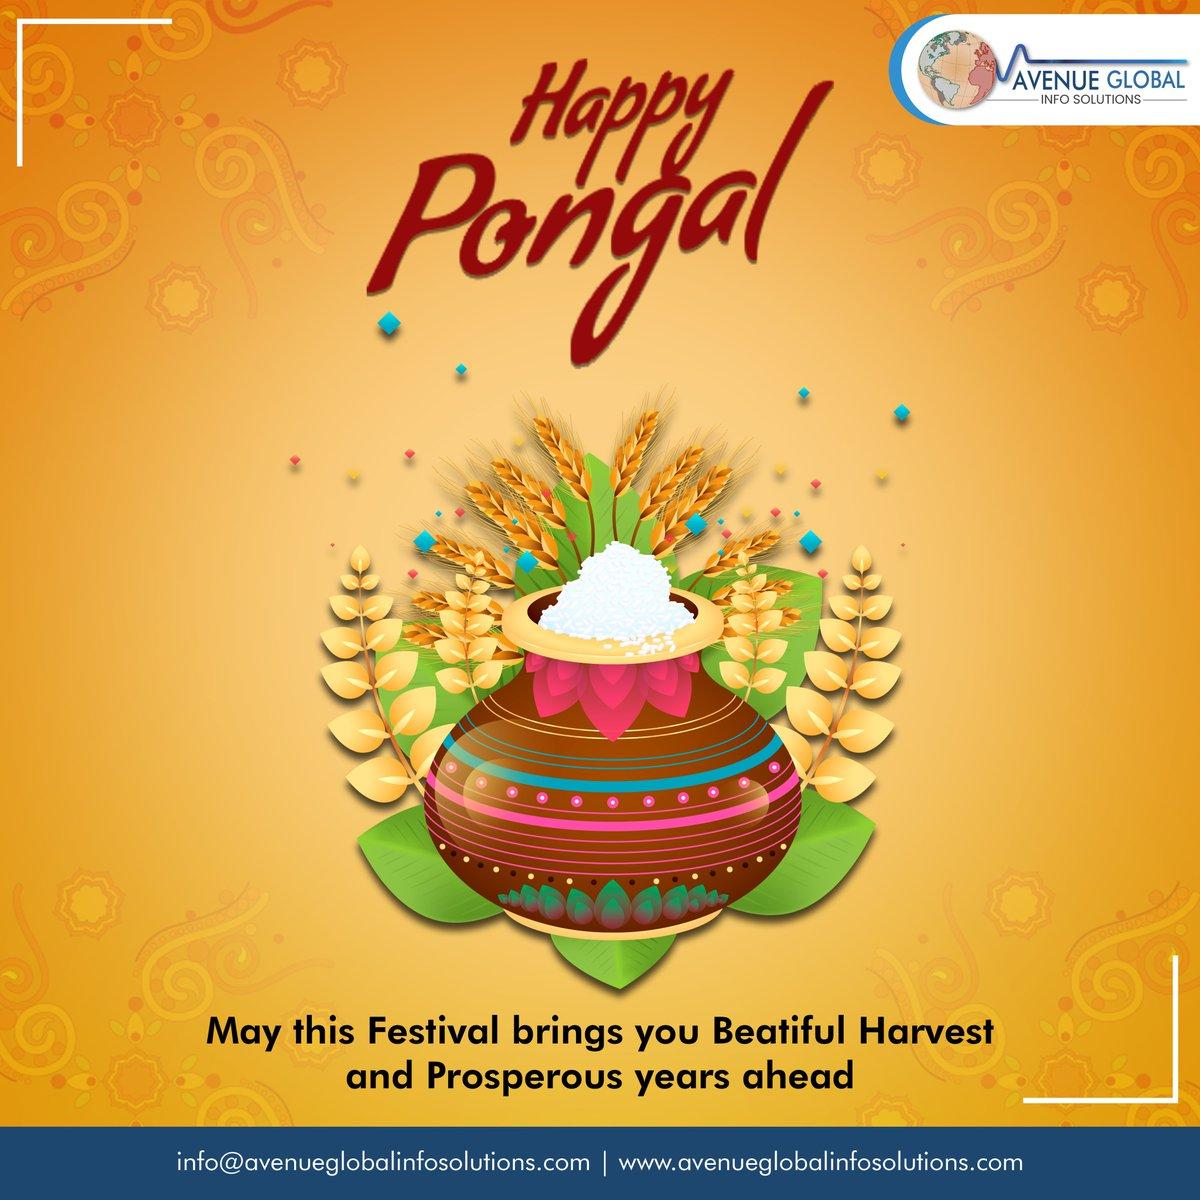 Happy Pongal have Prosperous Year Ahead!! #pongal  #tamil #karnataka #pongal2020  #pongalcelebration #pongalspecial #pongalfestival #pongalwishes #pullingo #tamilnadu  #Avenueglobalinfosolutions #avenueglobal #AGIS #Webdesigning #Digitalmarketing #Websitedevelopment #instatechno pic.twitter.com/UYeUiHuZdb